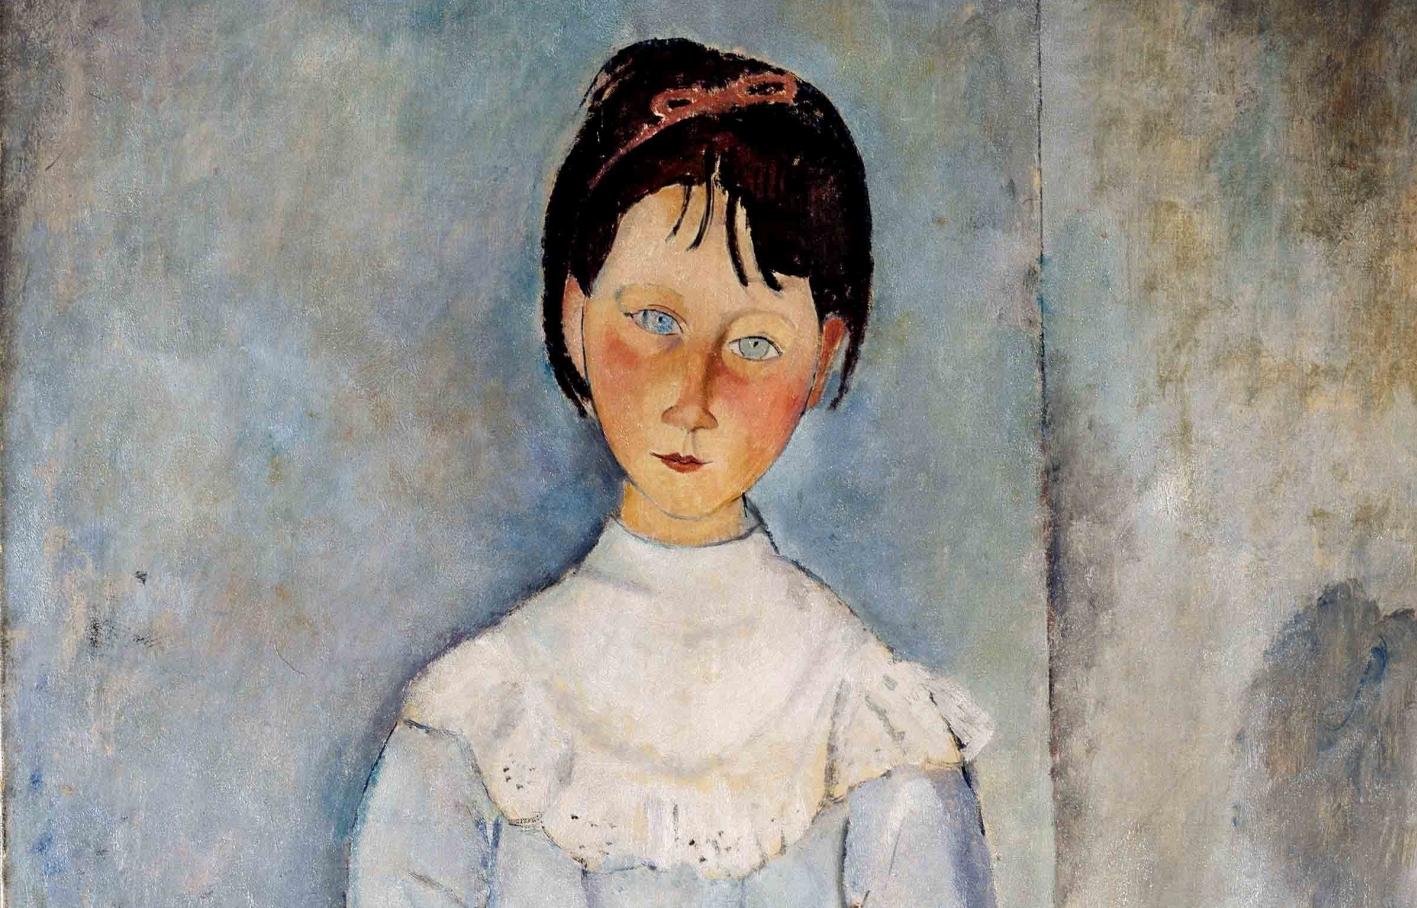 Chi celebra Modigliani vince. Oltre 110mila visitatori per la mostra a Livorno